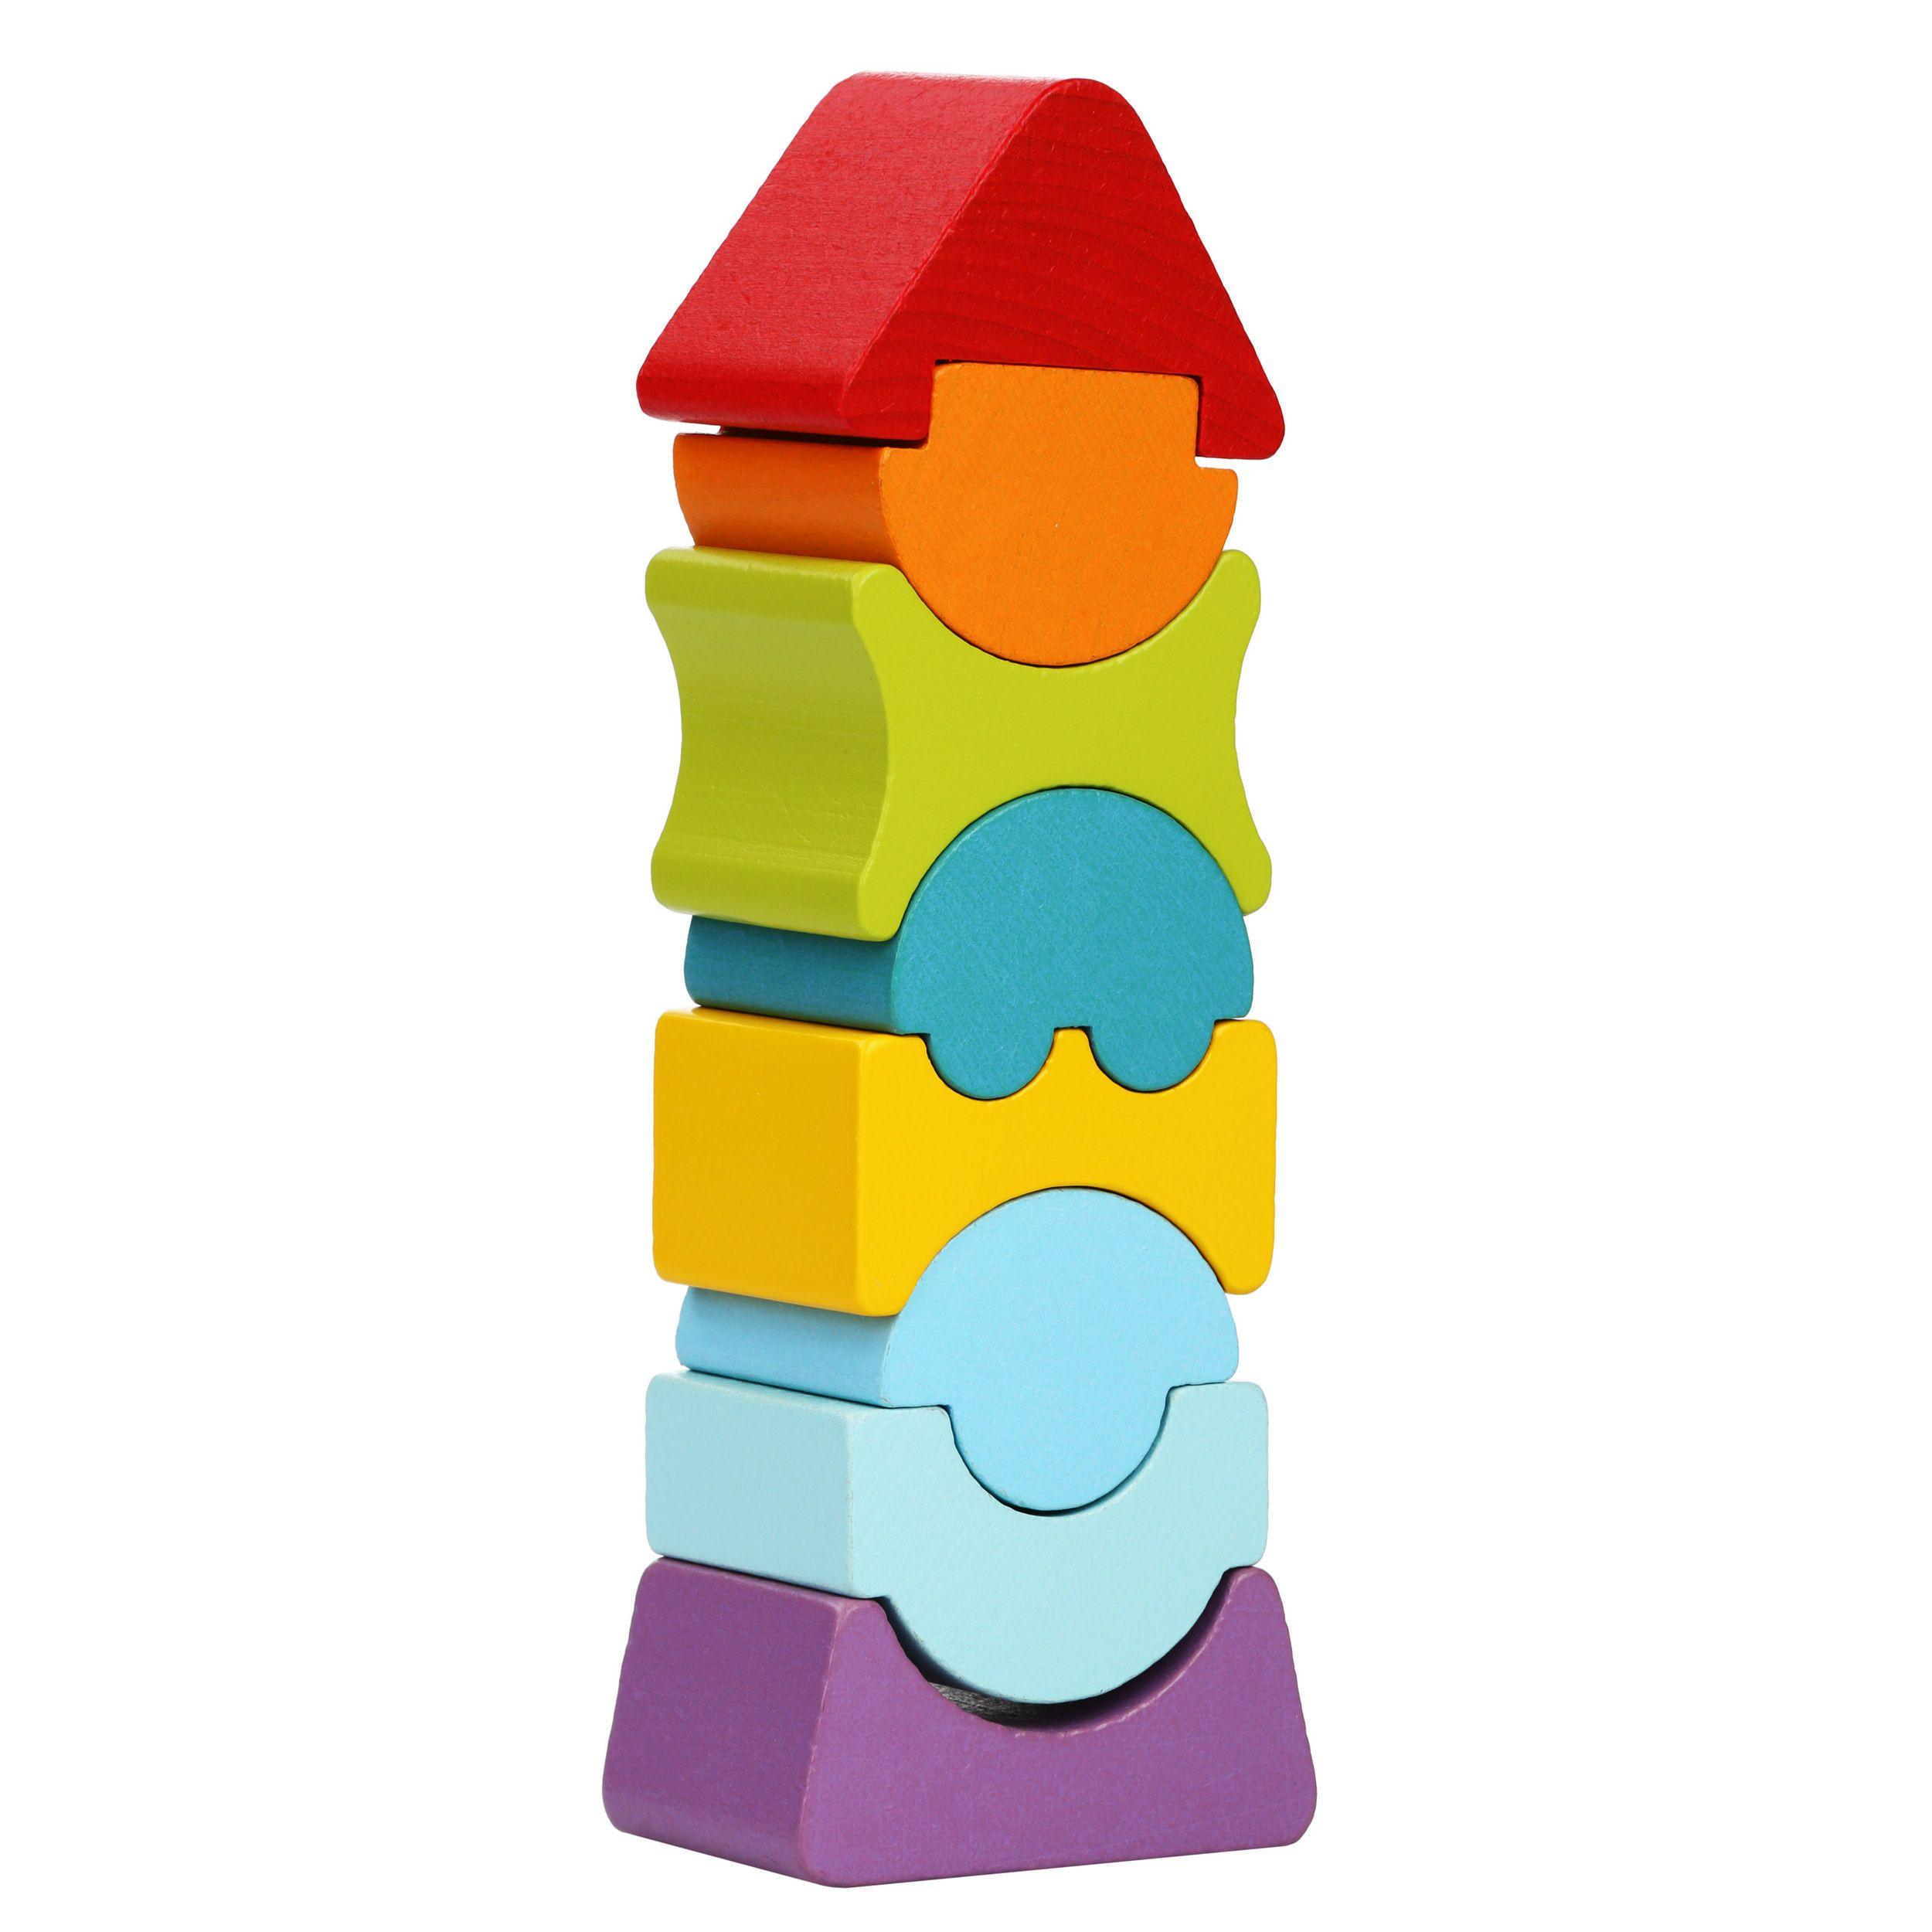 Jucarie Din Lemn Cubika, Set Constructii Turn imagine